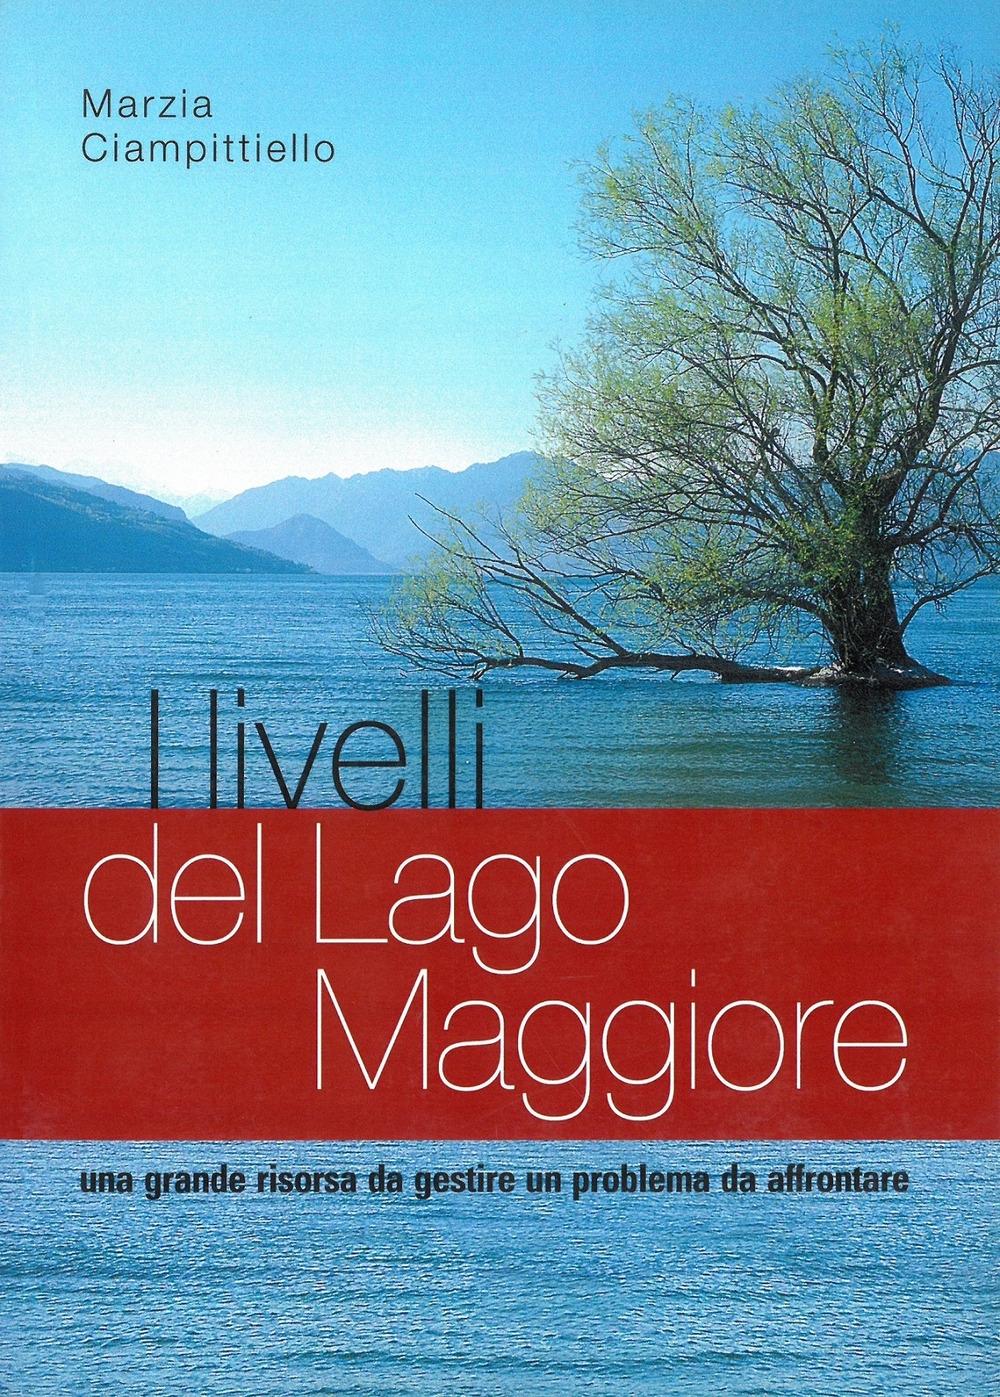 I livelli del Lago Maggiore. Una grande risorsa da gestire. Un problema da affrontare.